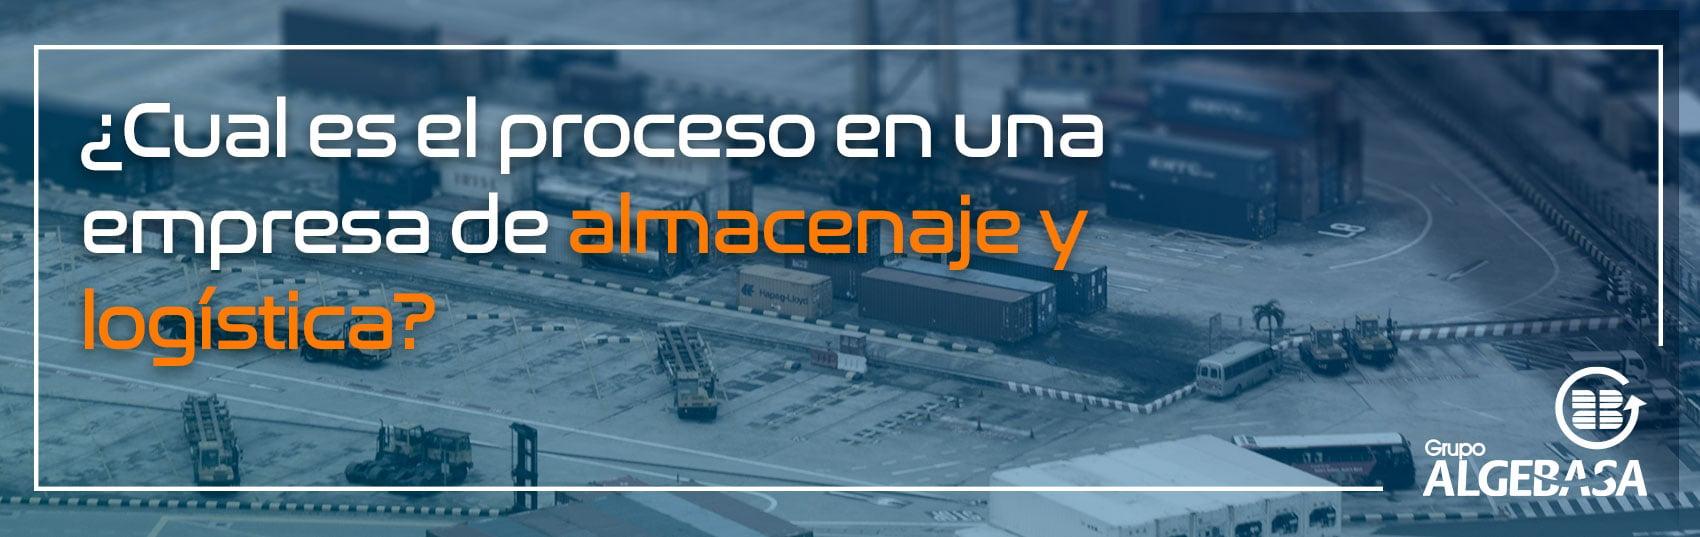 Proceso-en-una-empresa-de-almacenaje-y-logistica_banner